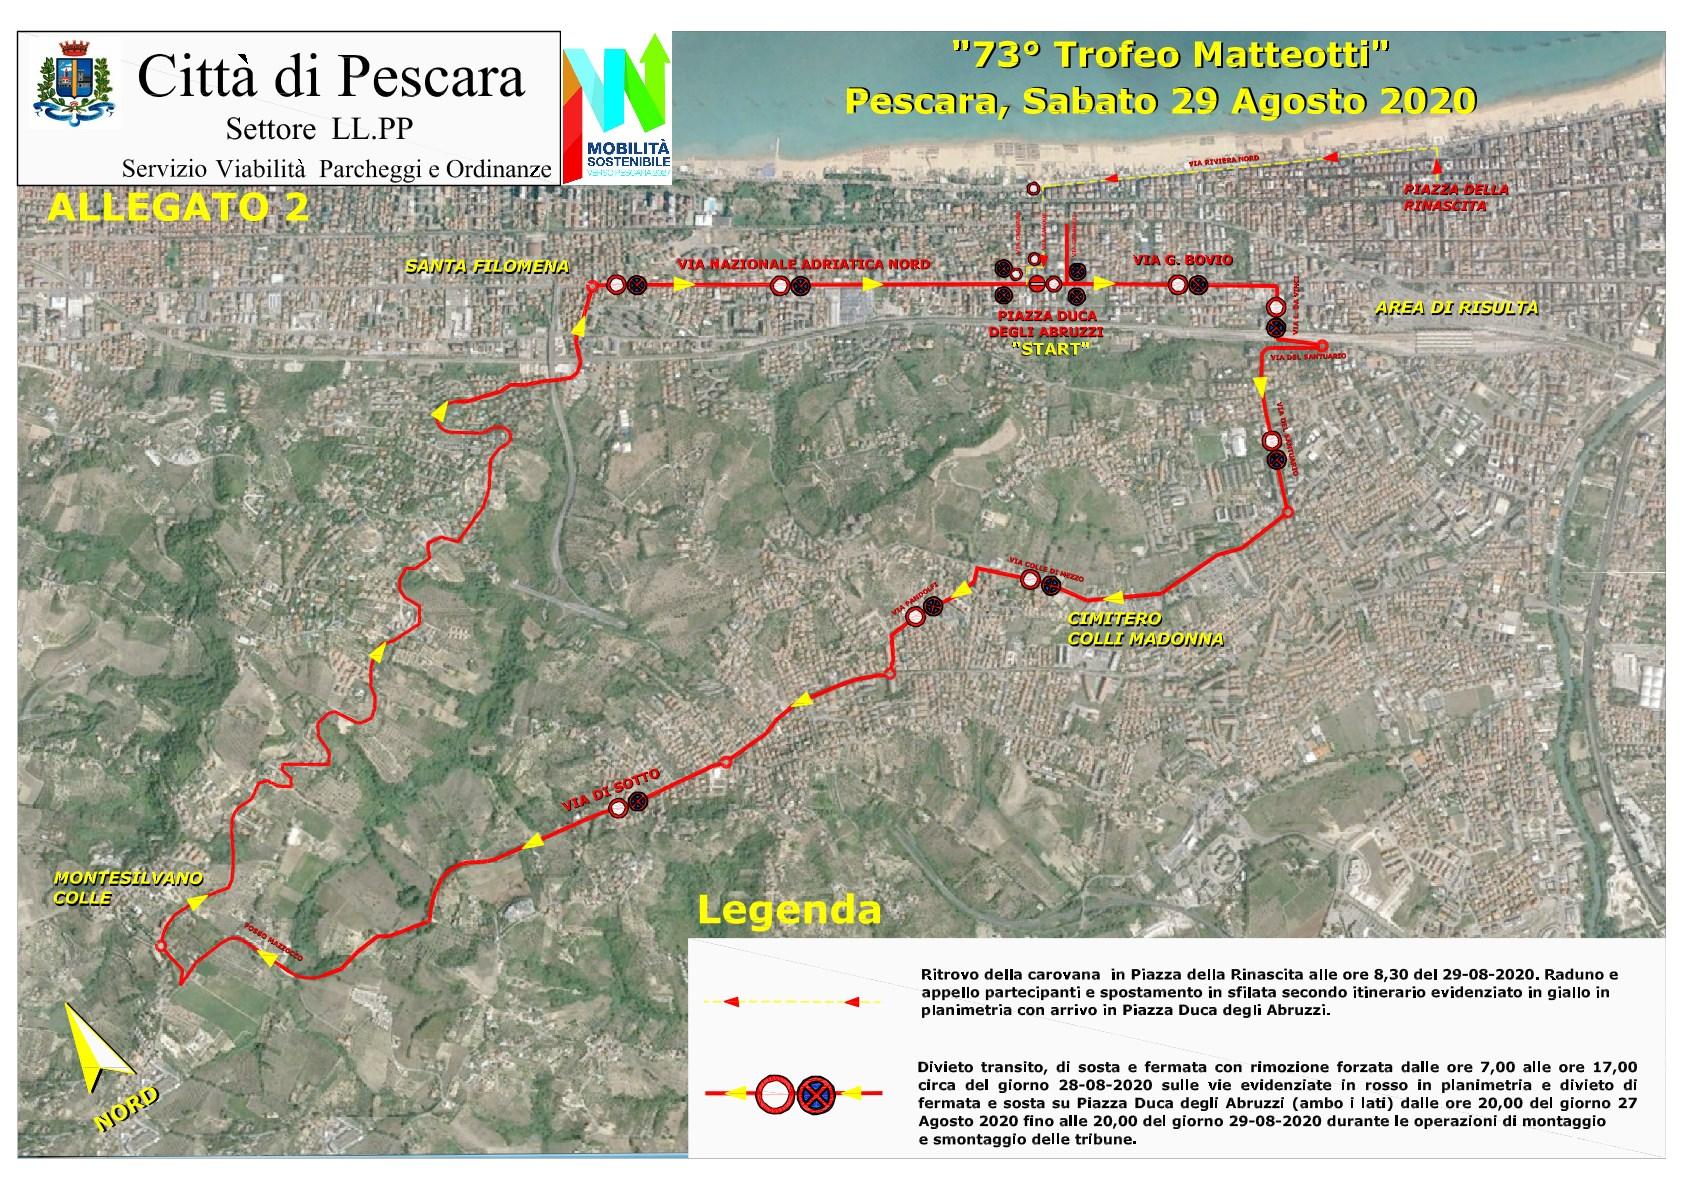 73° Trofeo Matteotti: viabilità e trasporti